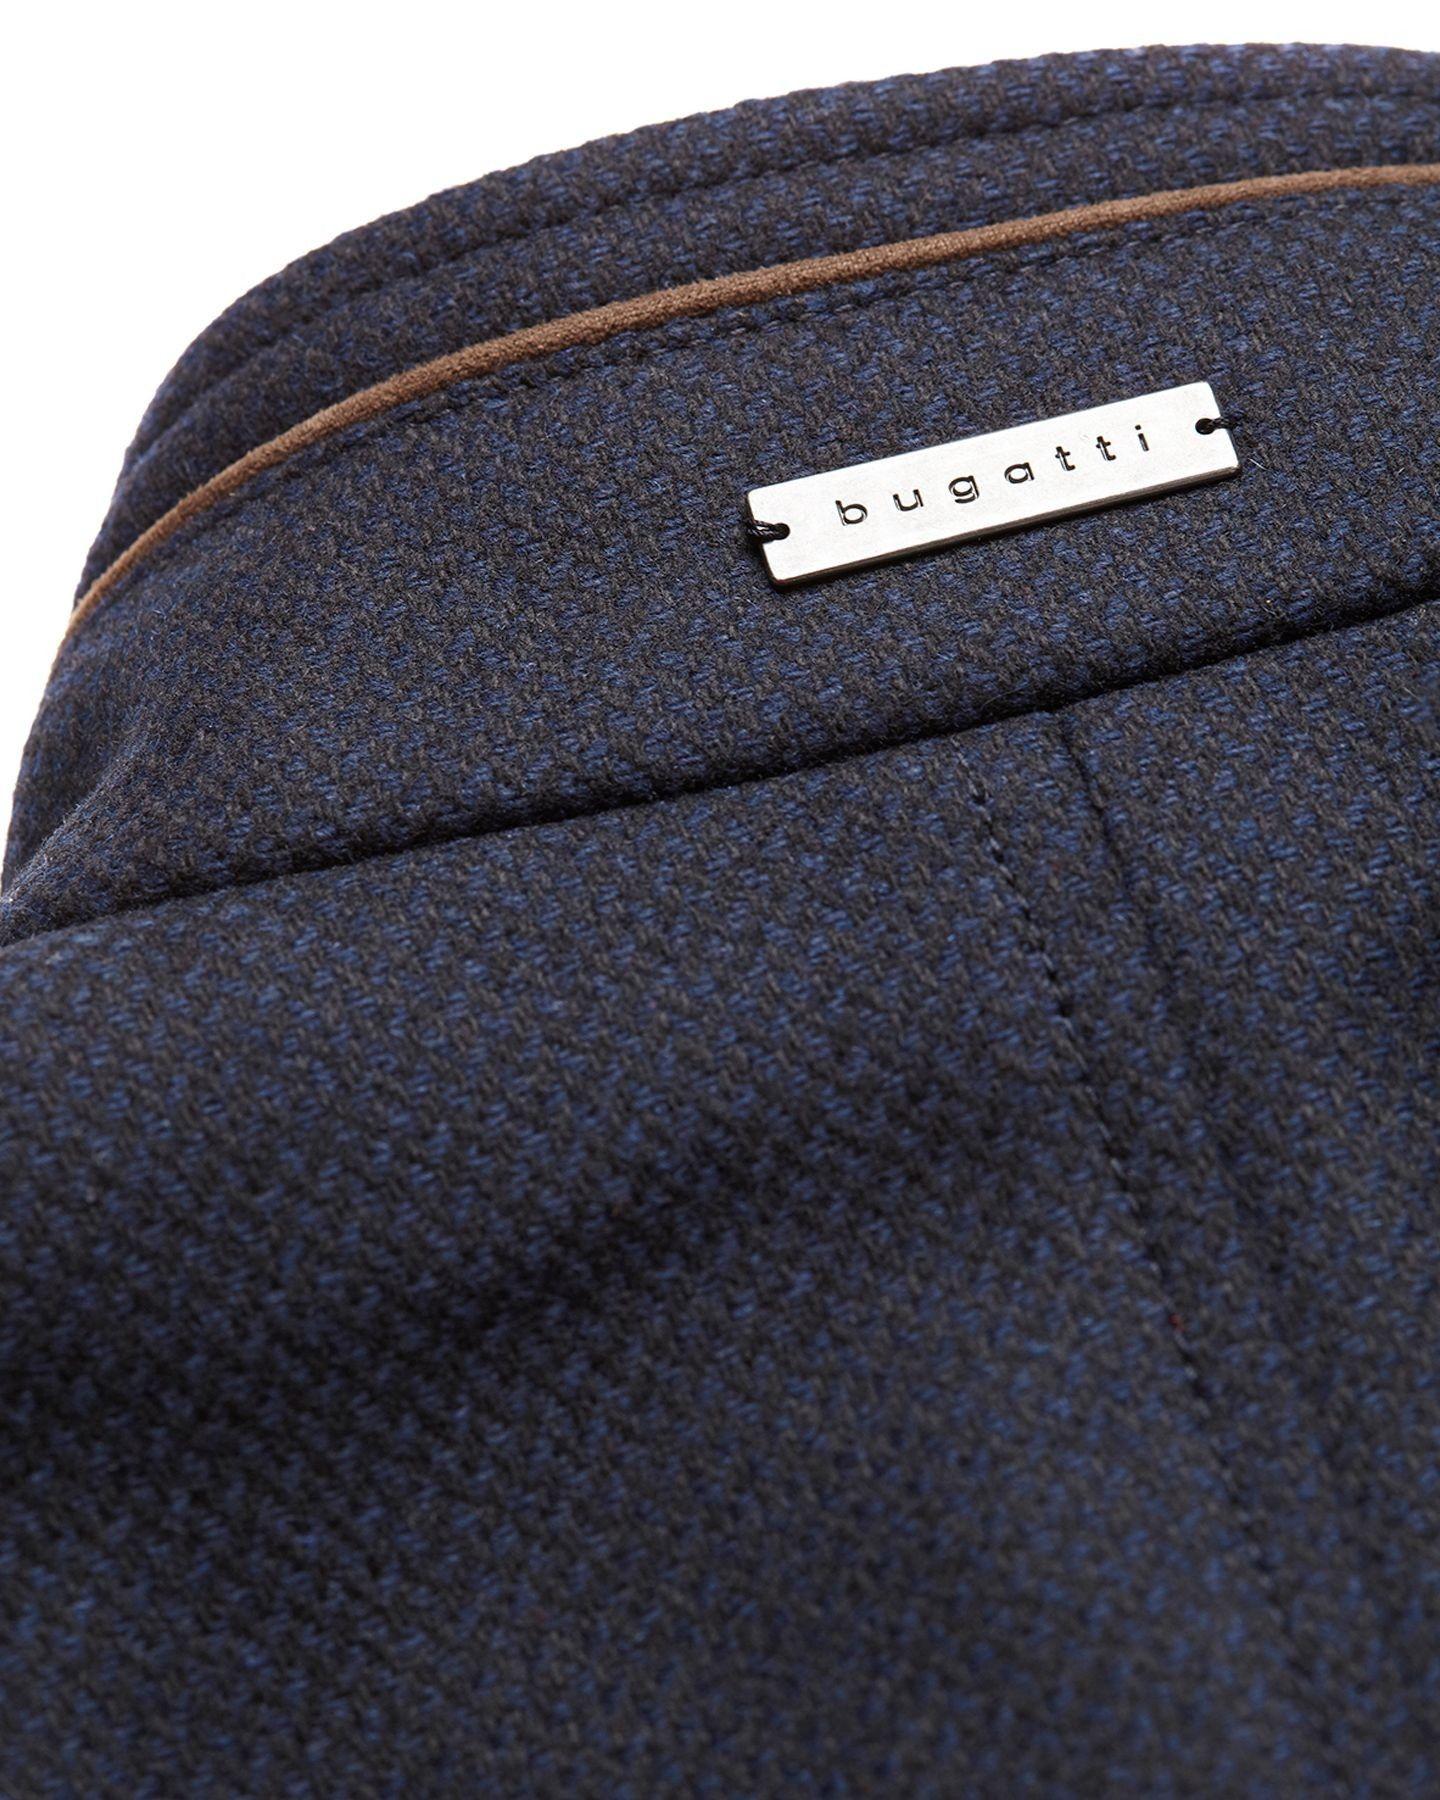 Bugatti - Herren Mantel mit Stehkragen (Art. Nr. 24442-221728) – Bild 3